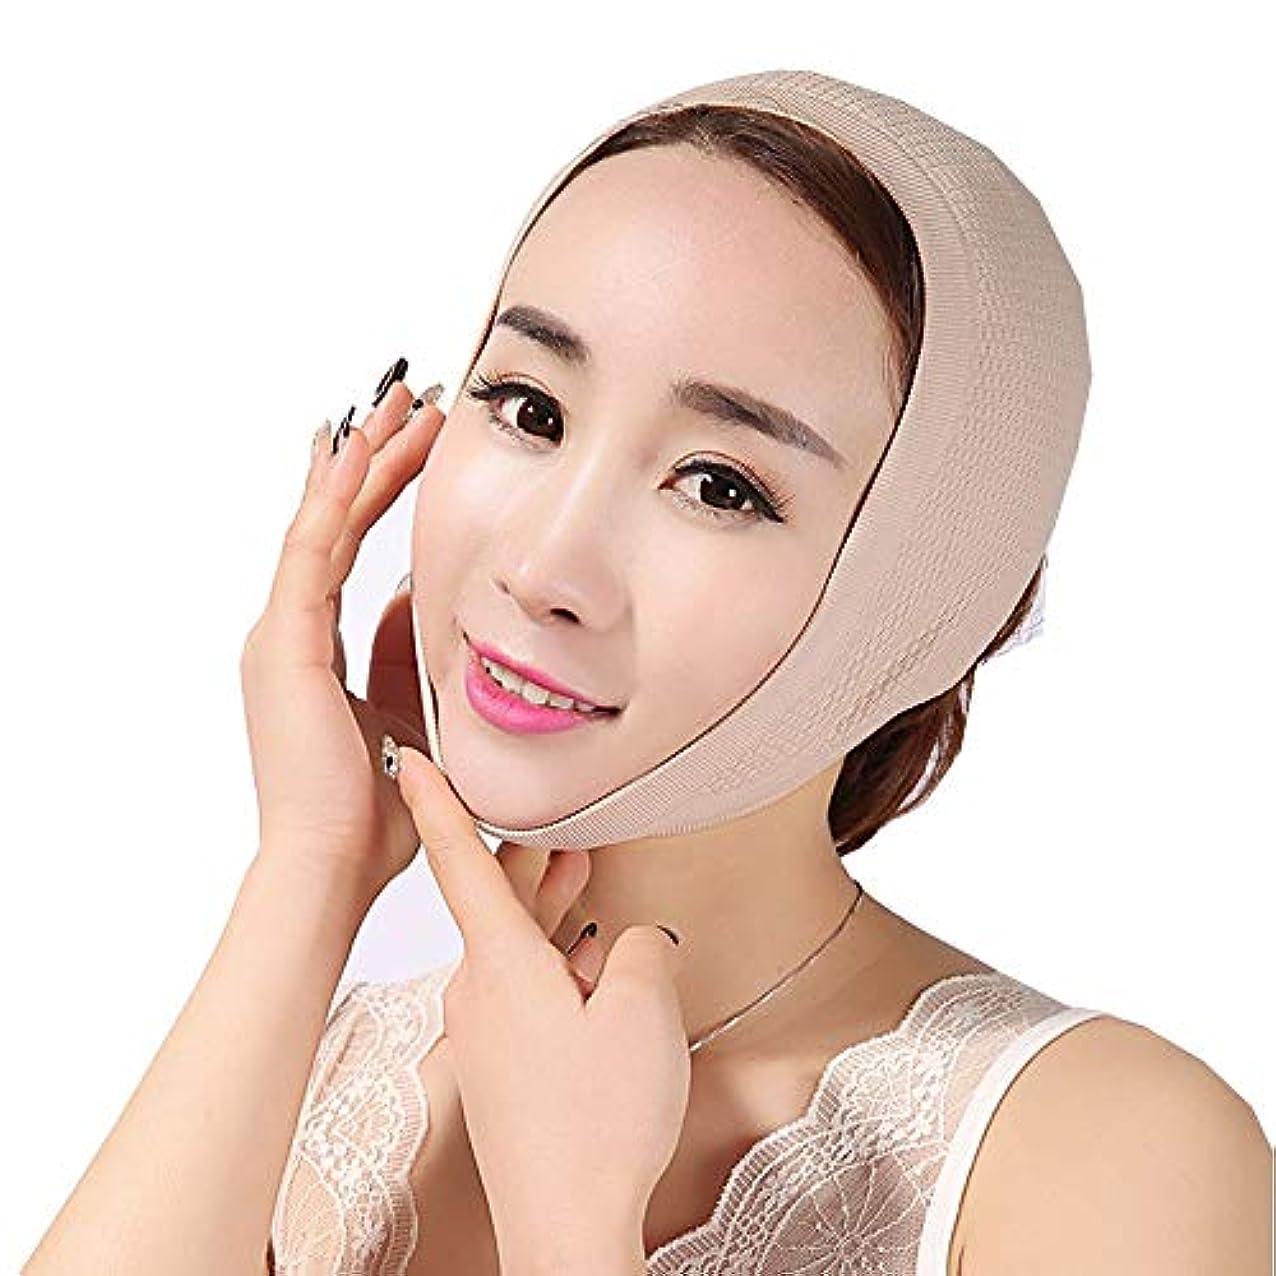 インレイ道を作る無効Jia Jia- フェイスマスクで眠る薄い顔フェイスリフトフェイスリフトアーティファクトスモールフェイスVフェイスリフト付きフェイスフェイス包帯引き上げジョーセット 顔面包帯